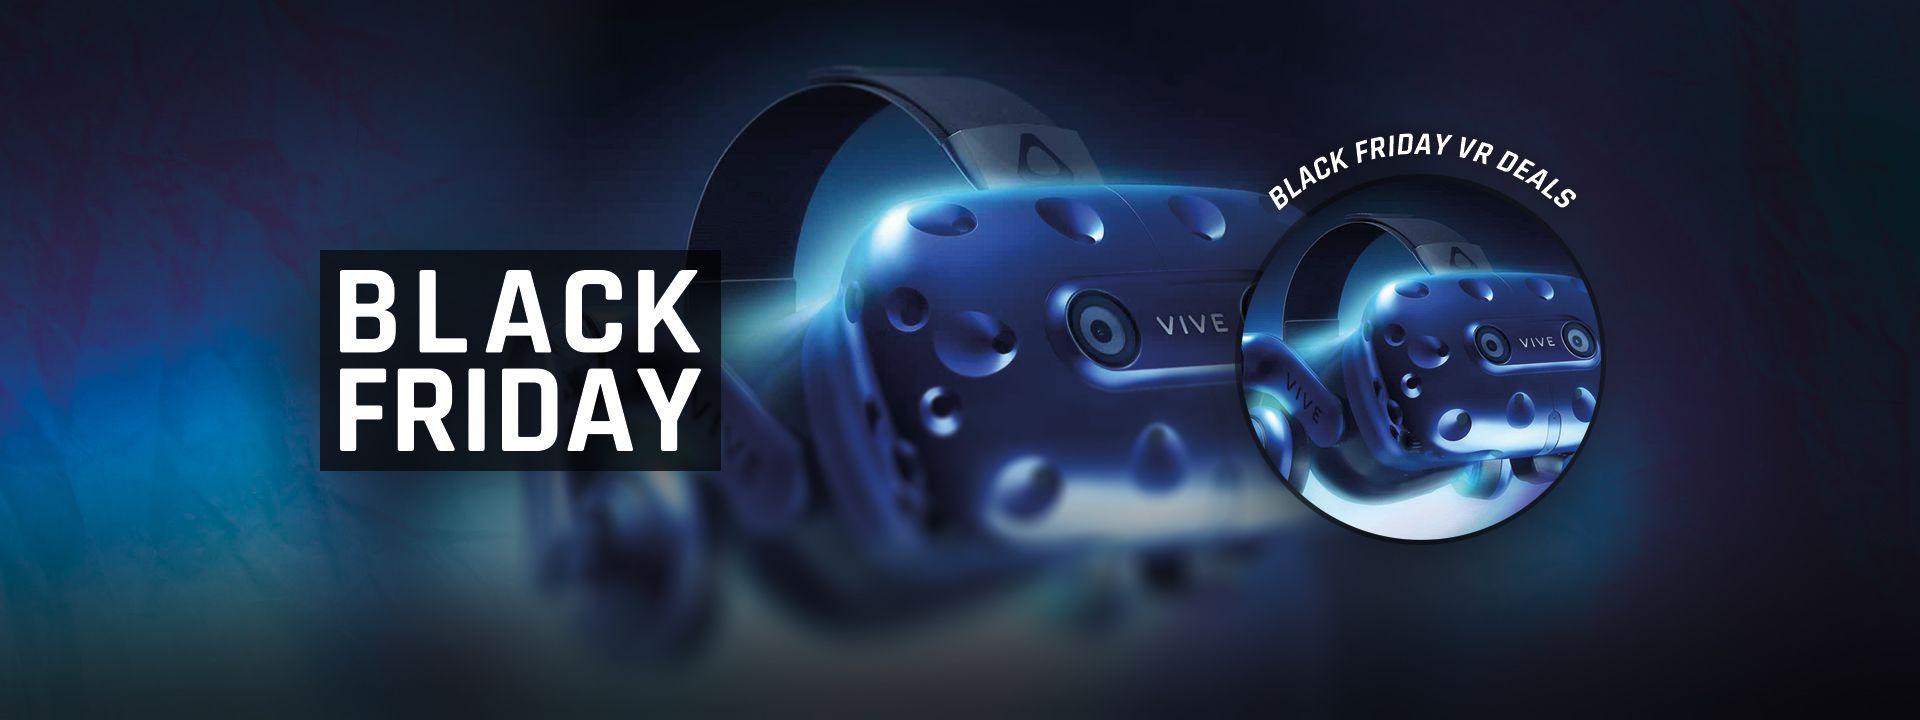 4f11a3d1442 Best Black Friday 2018 VR deals